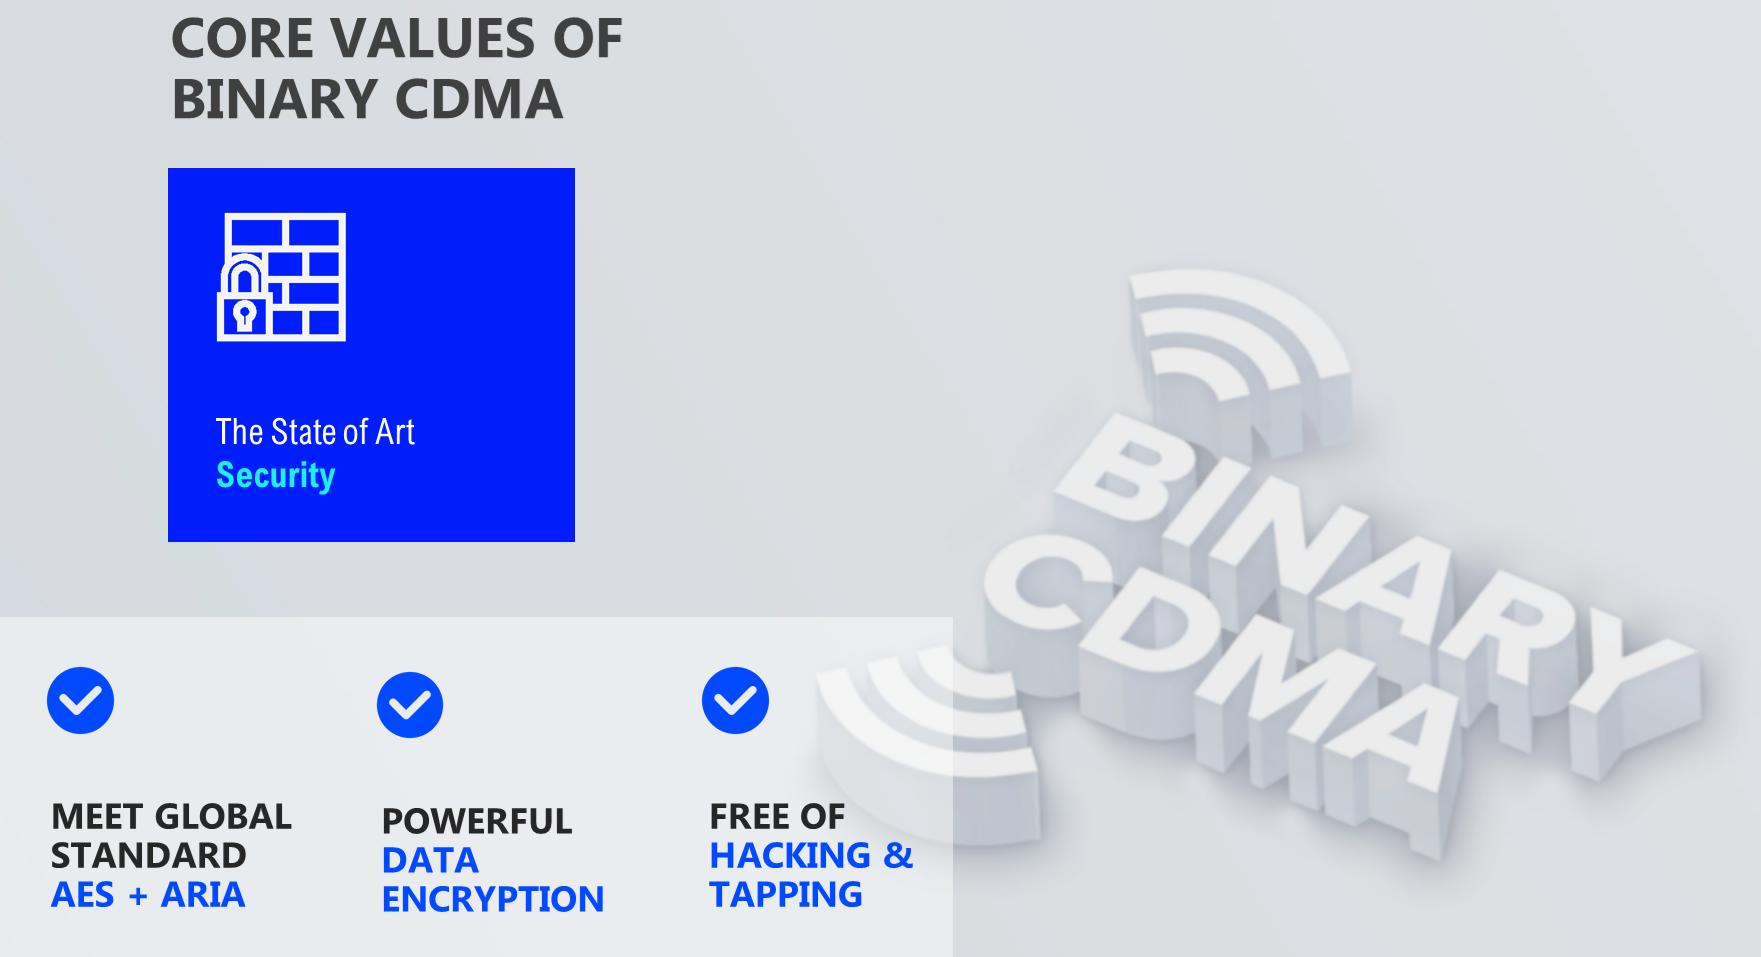 글로벌브릿지, 무선통신 약점이던 '보안'을 강점으로